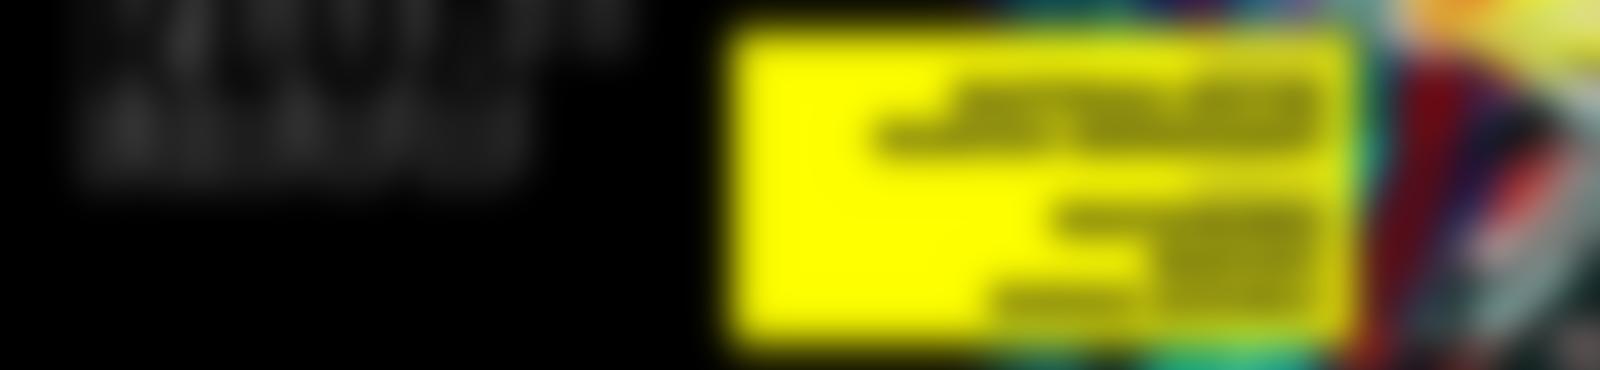 Blurred 06d90b45 c265 472a b979 3d6d9b342522